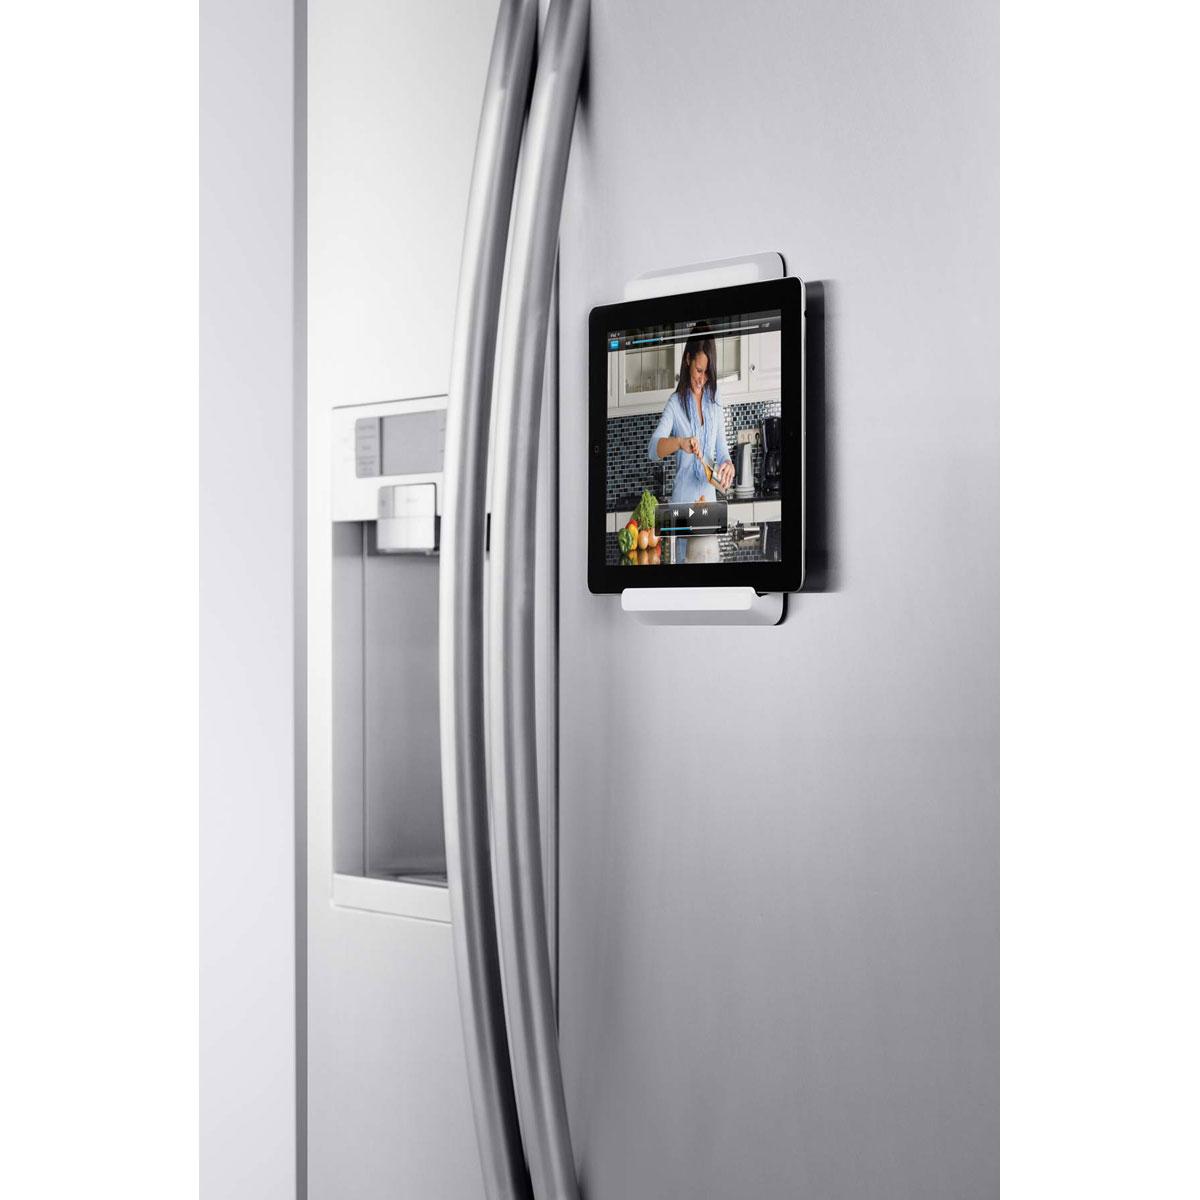 Accessoires Tablette Belkin Fridge Mount Porte-tablette pour réfrigérateur (pour iPad 2)